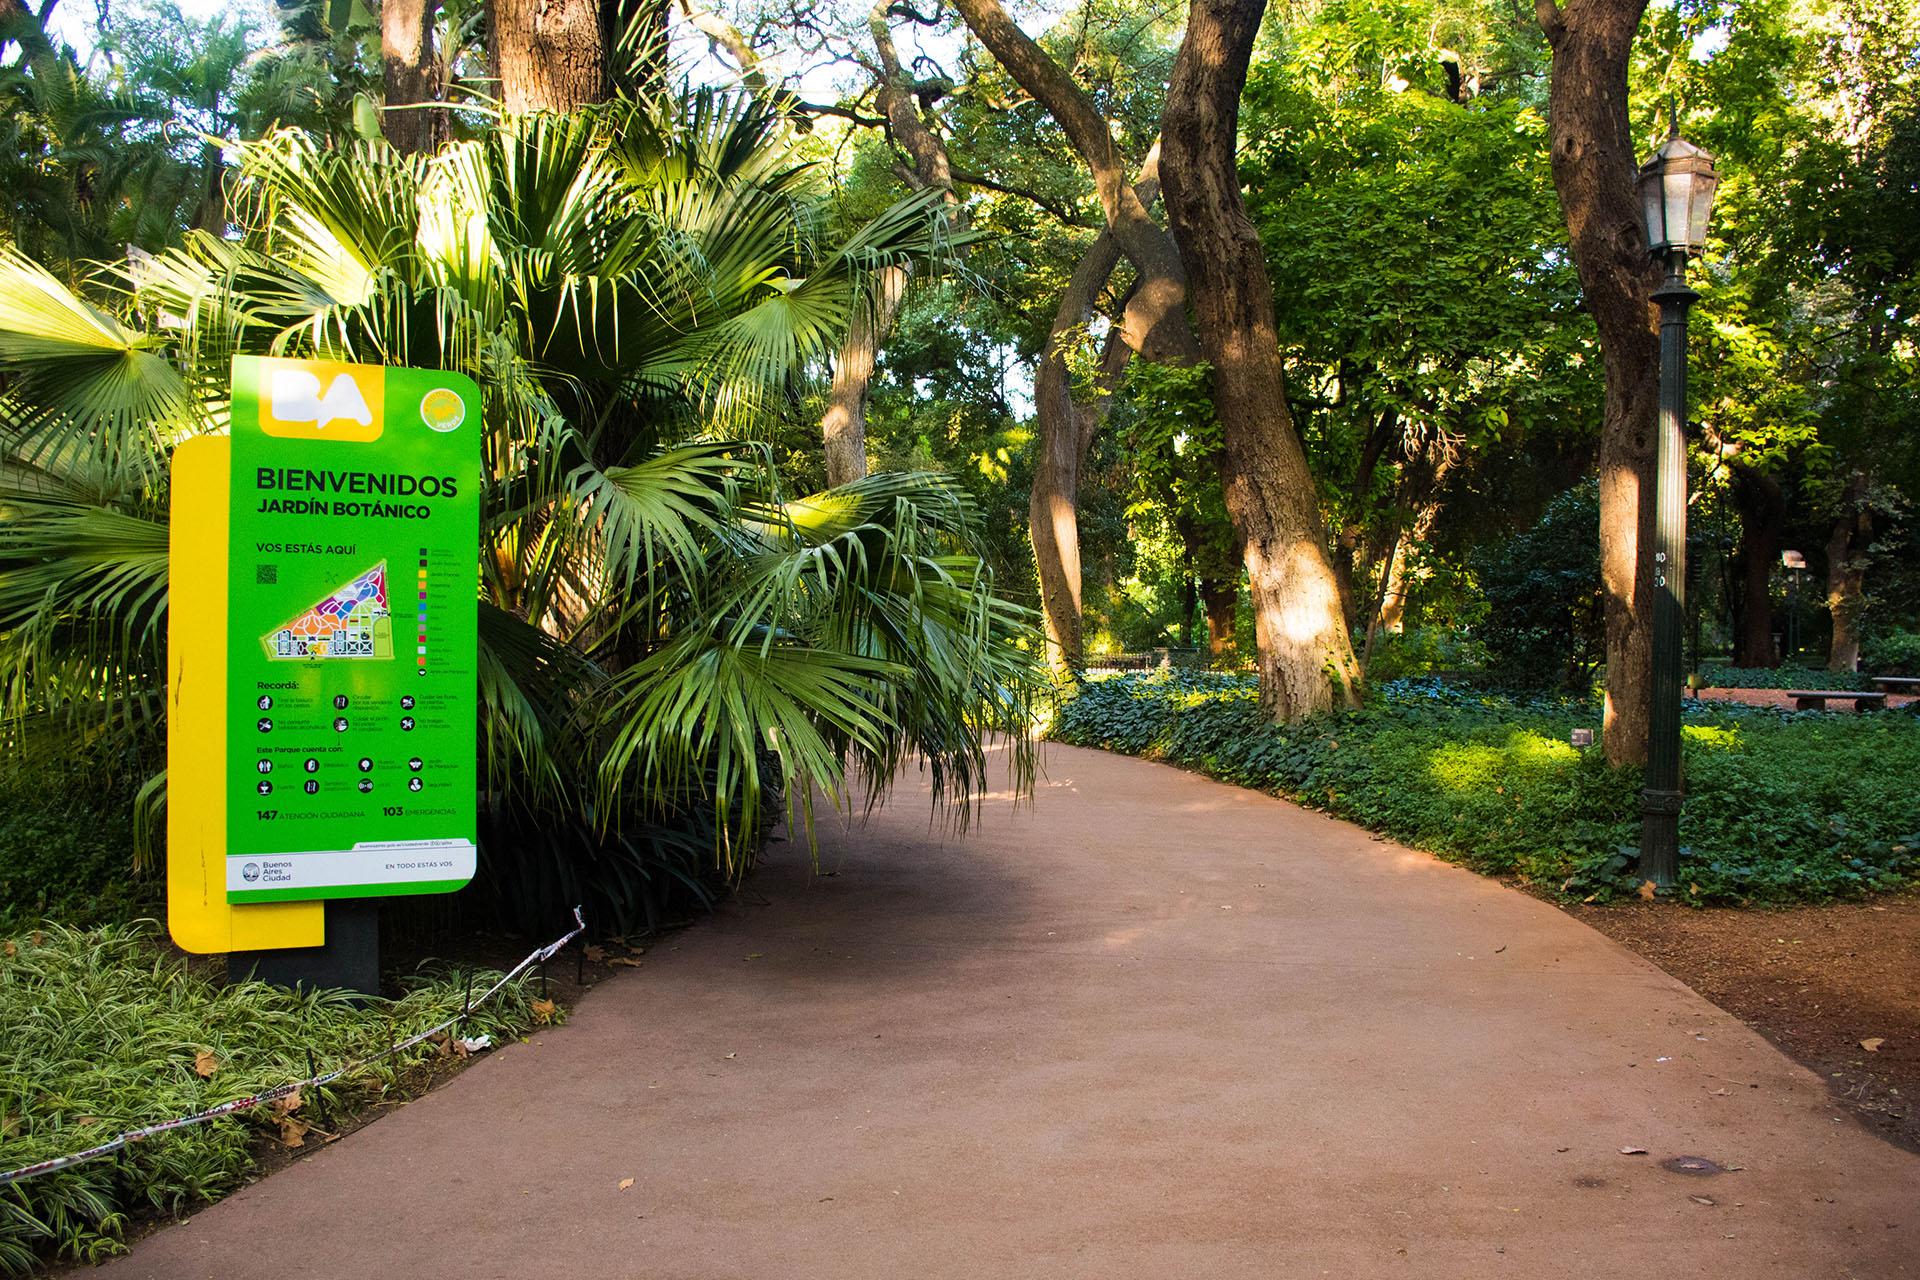 El Jardín Botánico lleva el nombre de Carlos Thays en honor al paisajista que lo concibió